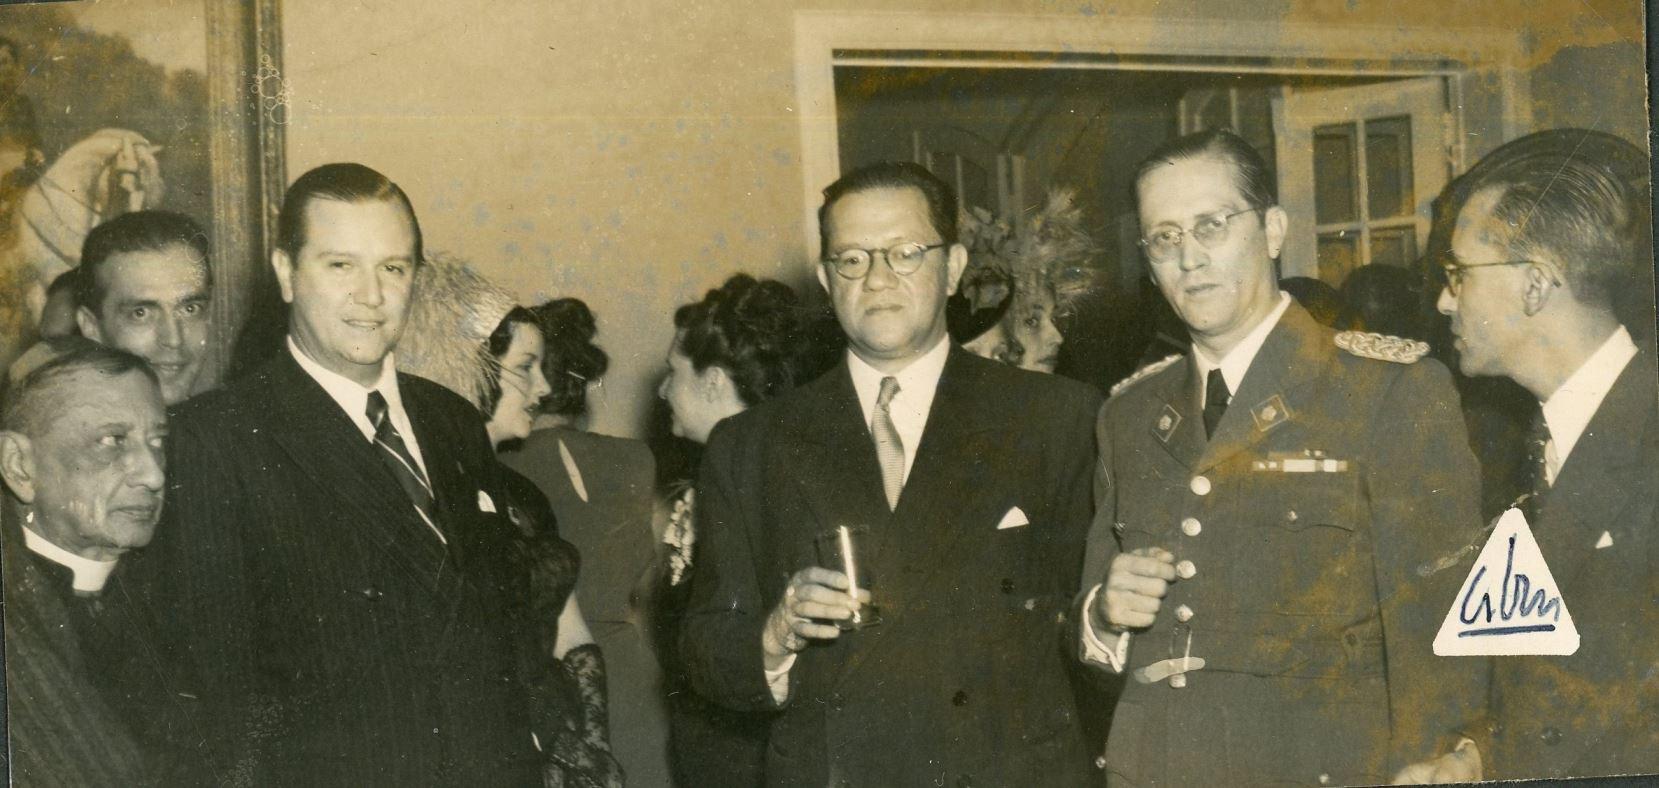 1949. Julio, 20. Rafael Caldera en la recepción de la embajada de Colombia, con Carlos Delgado Chalbaud.